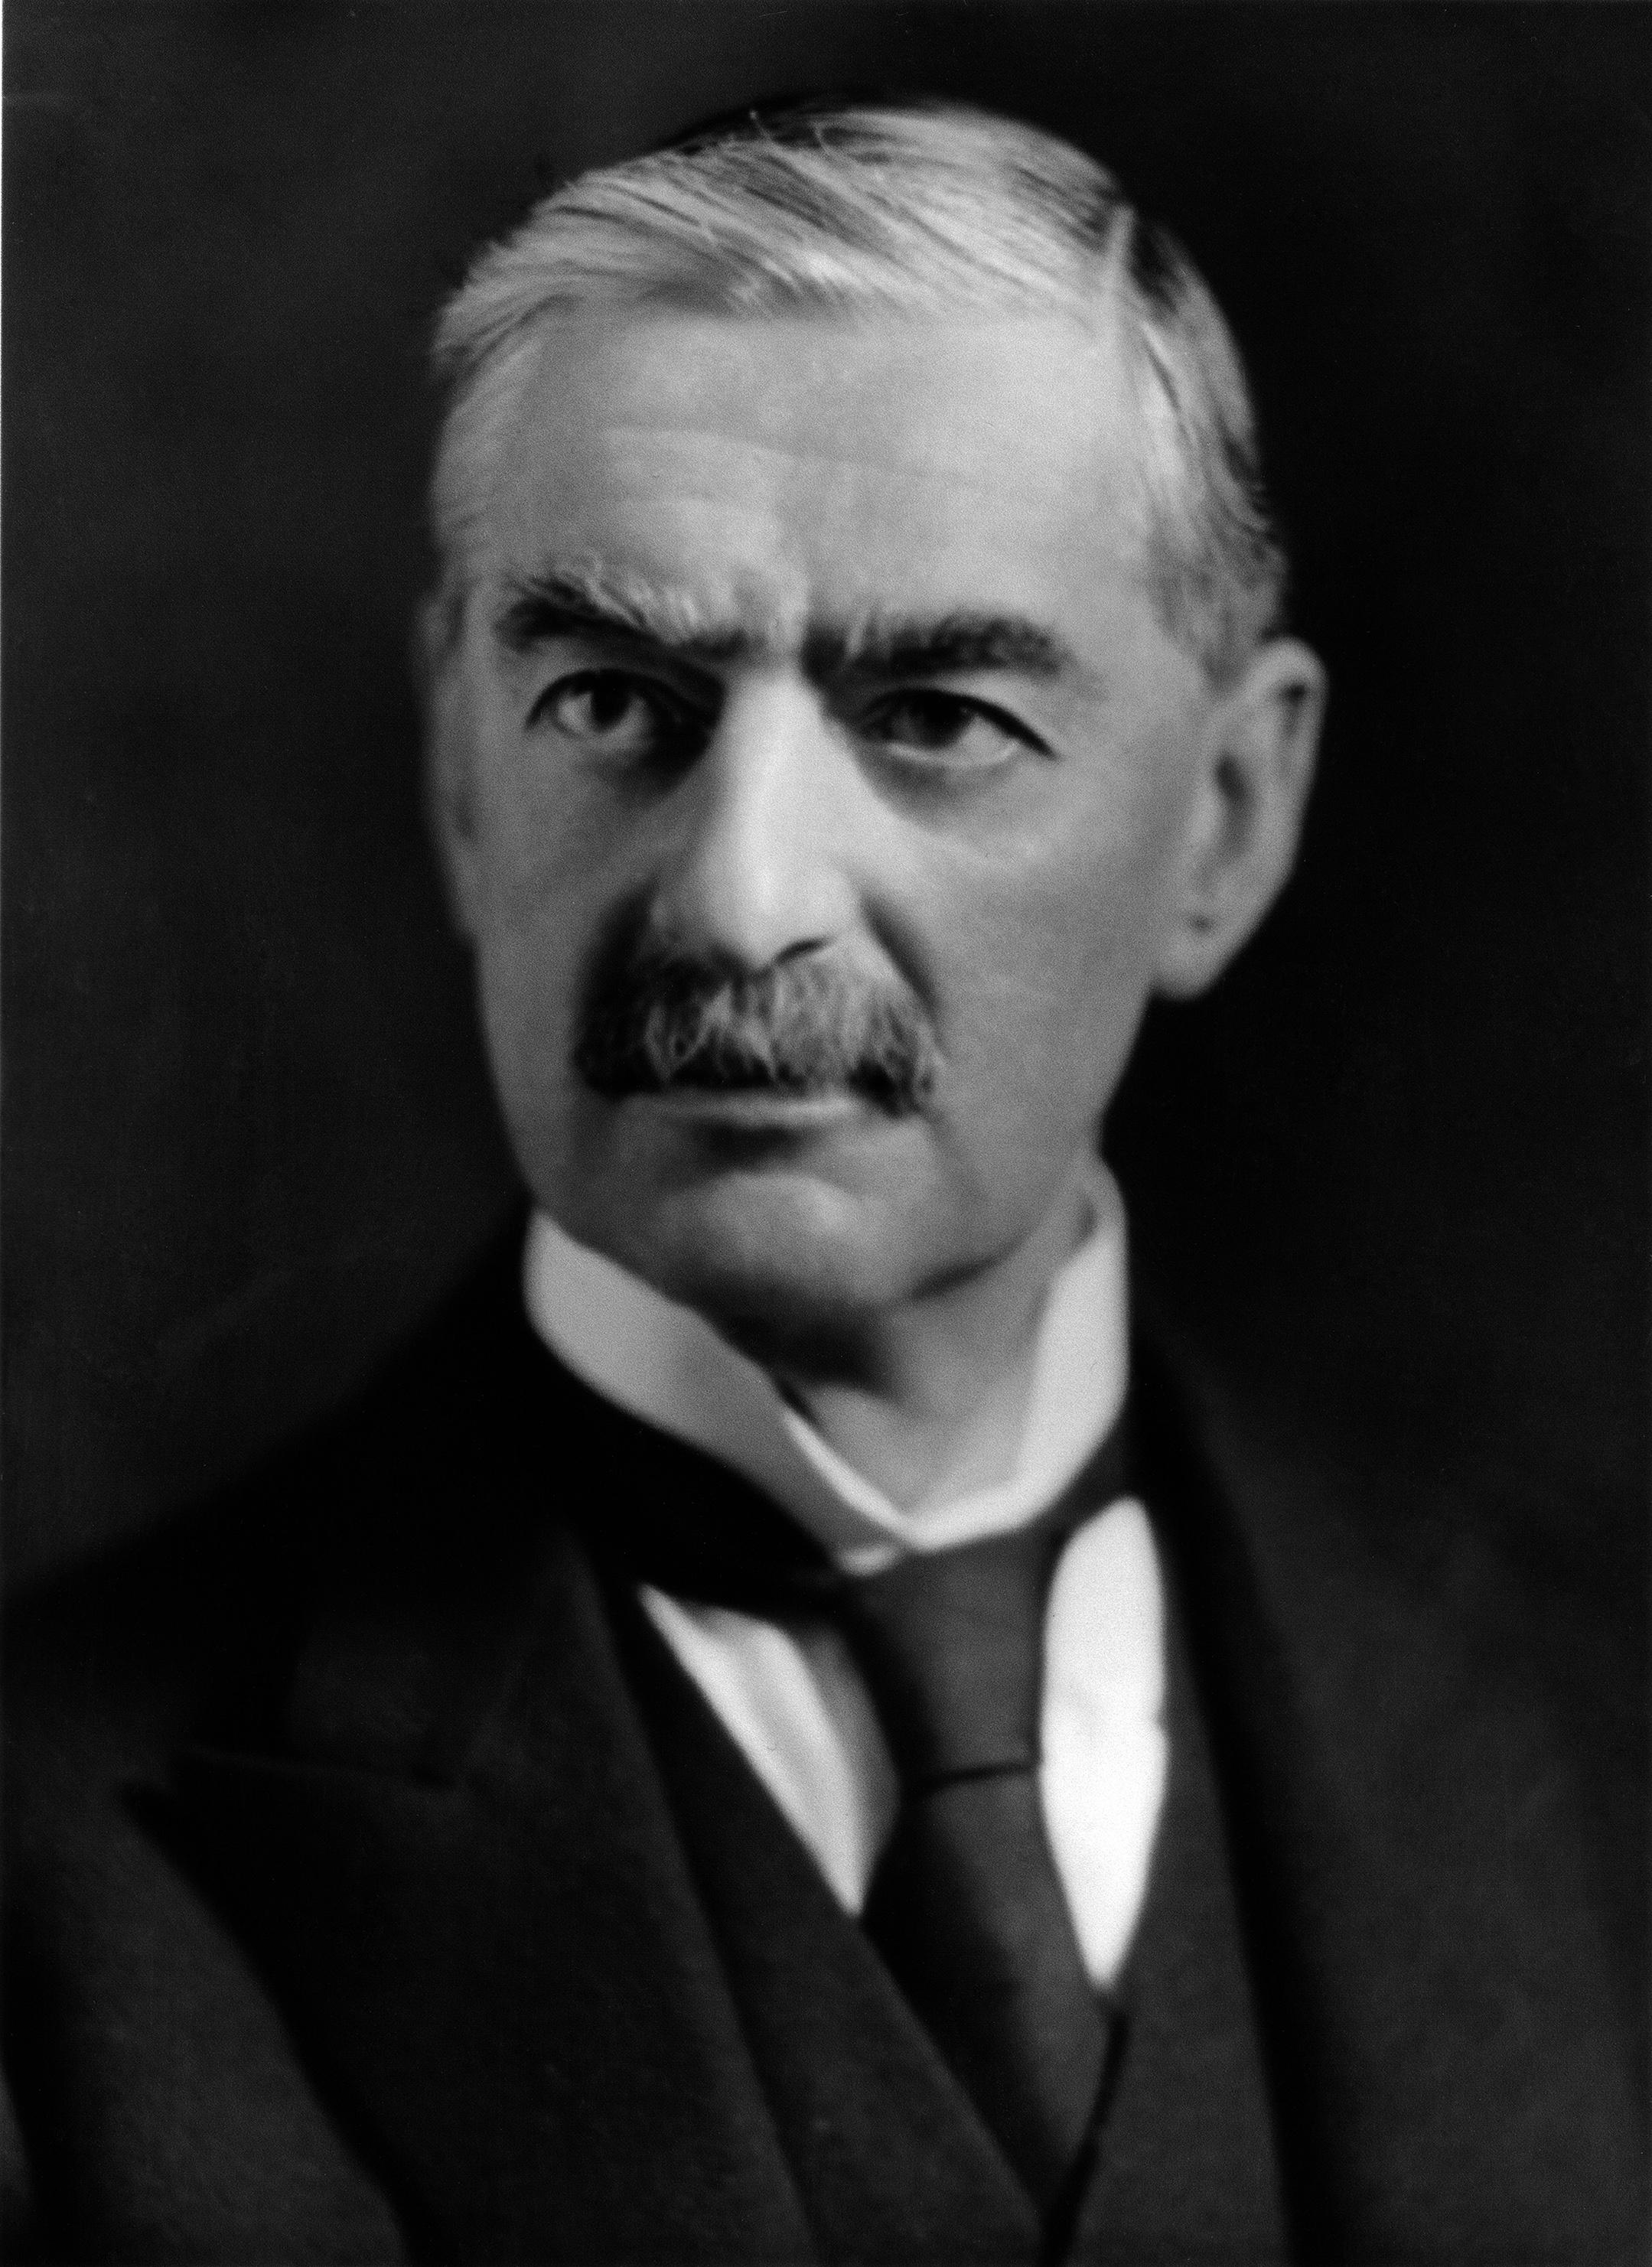 Wikipedia-Arthur Neville Chamberlain